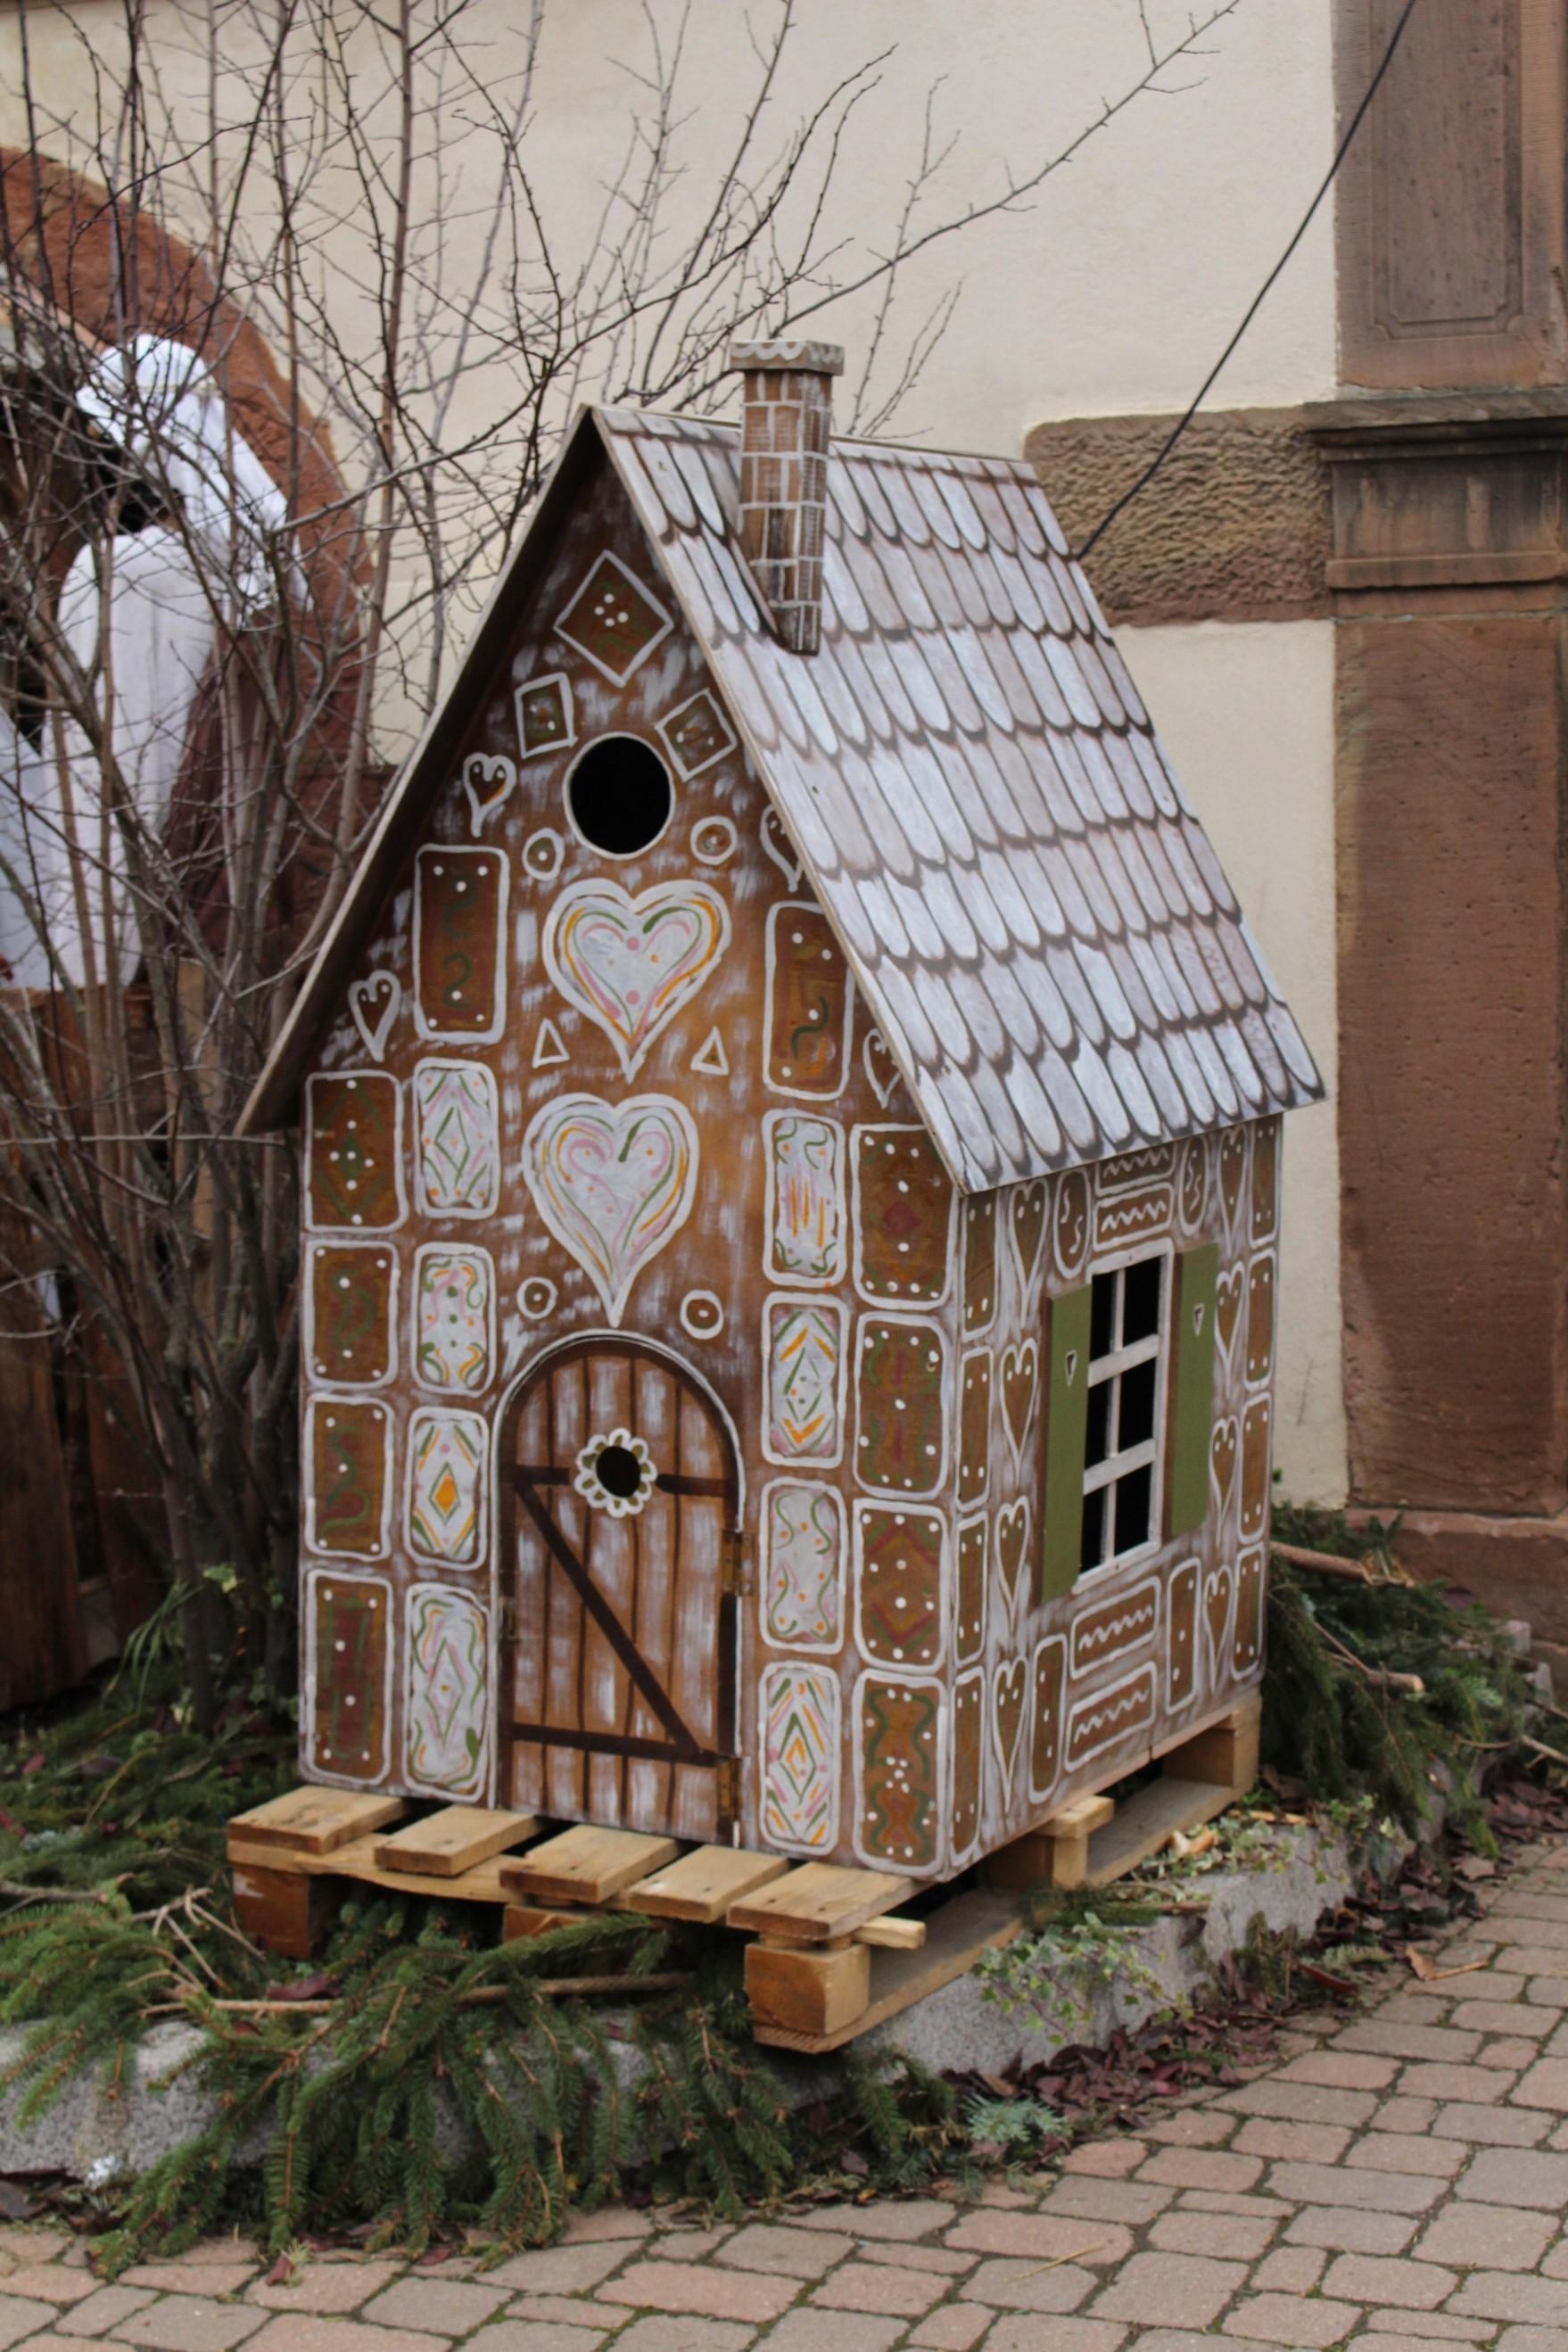 La maison de Hansel et Gretel